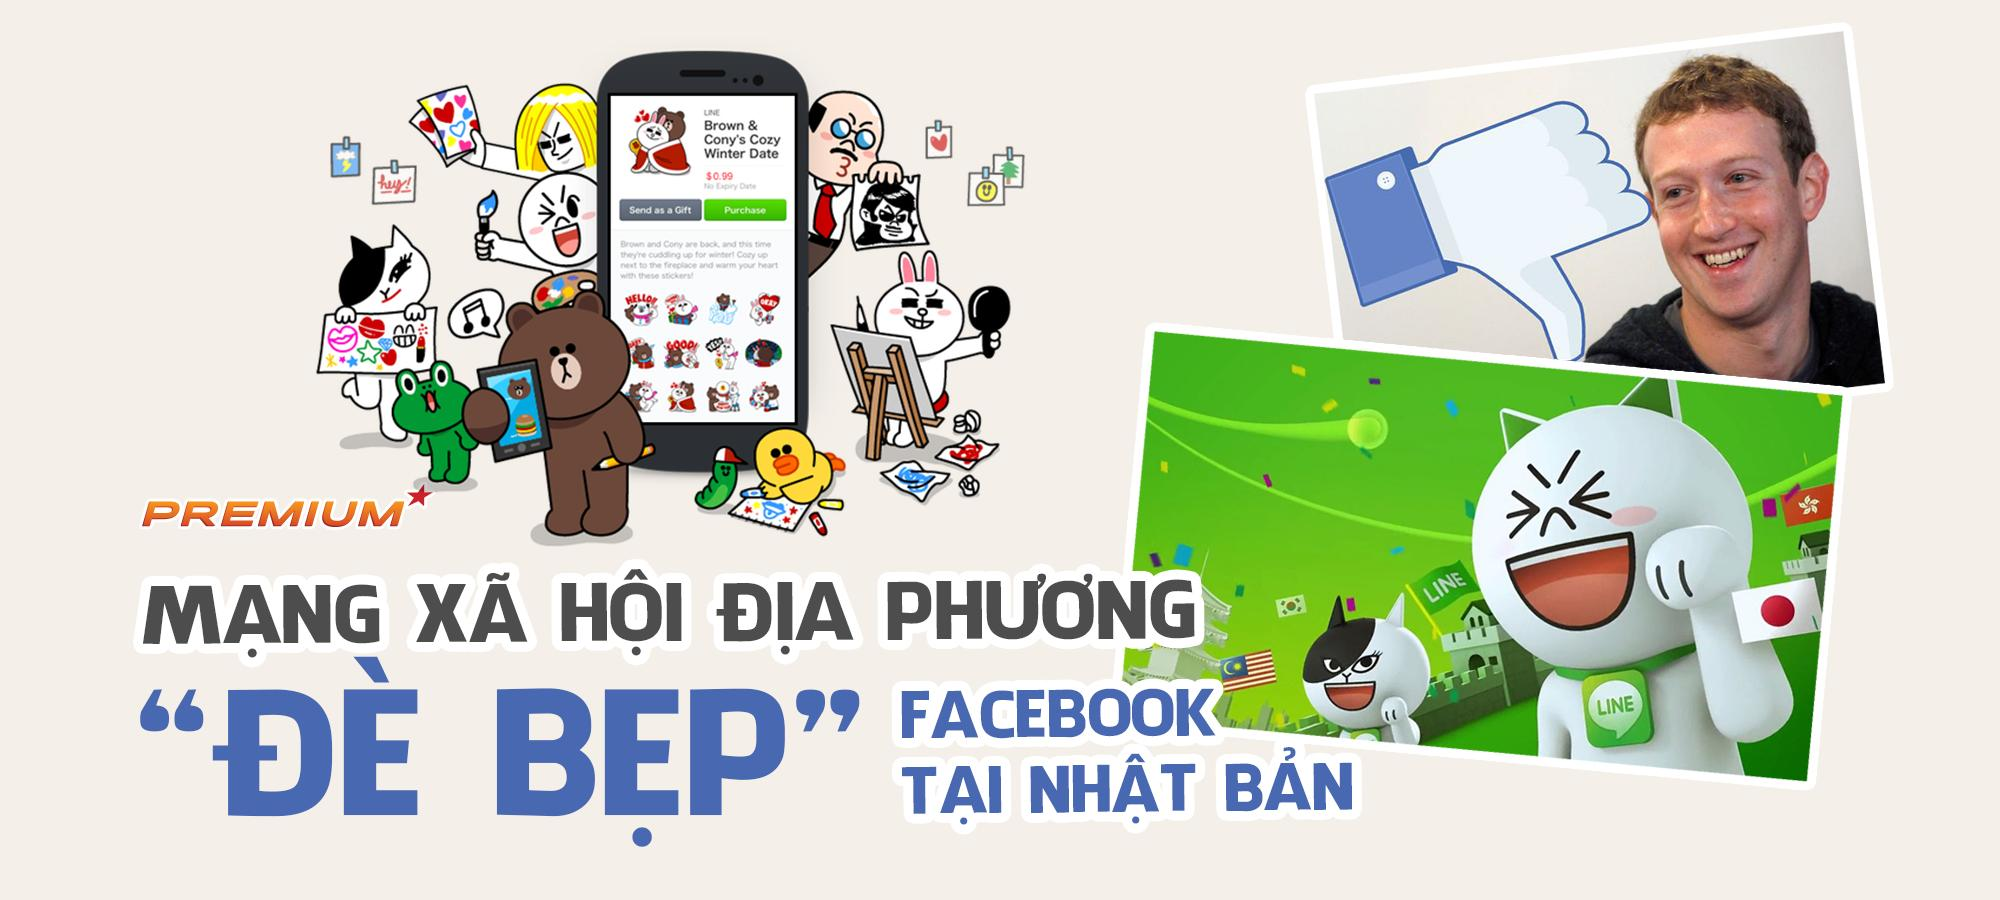 """Mạng xã hội địa phương """"đè bẹp"""" Facebook tại Nhật Bản"""